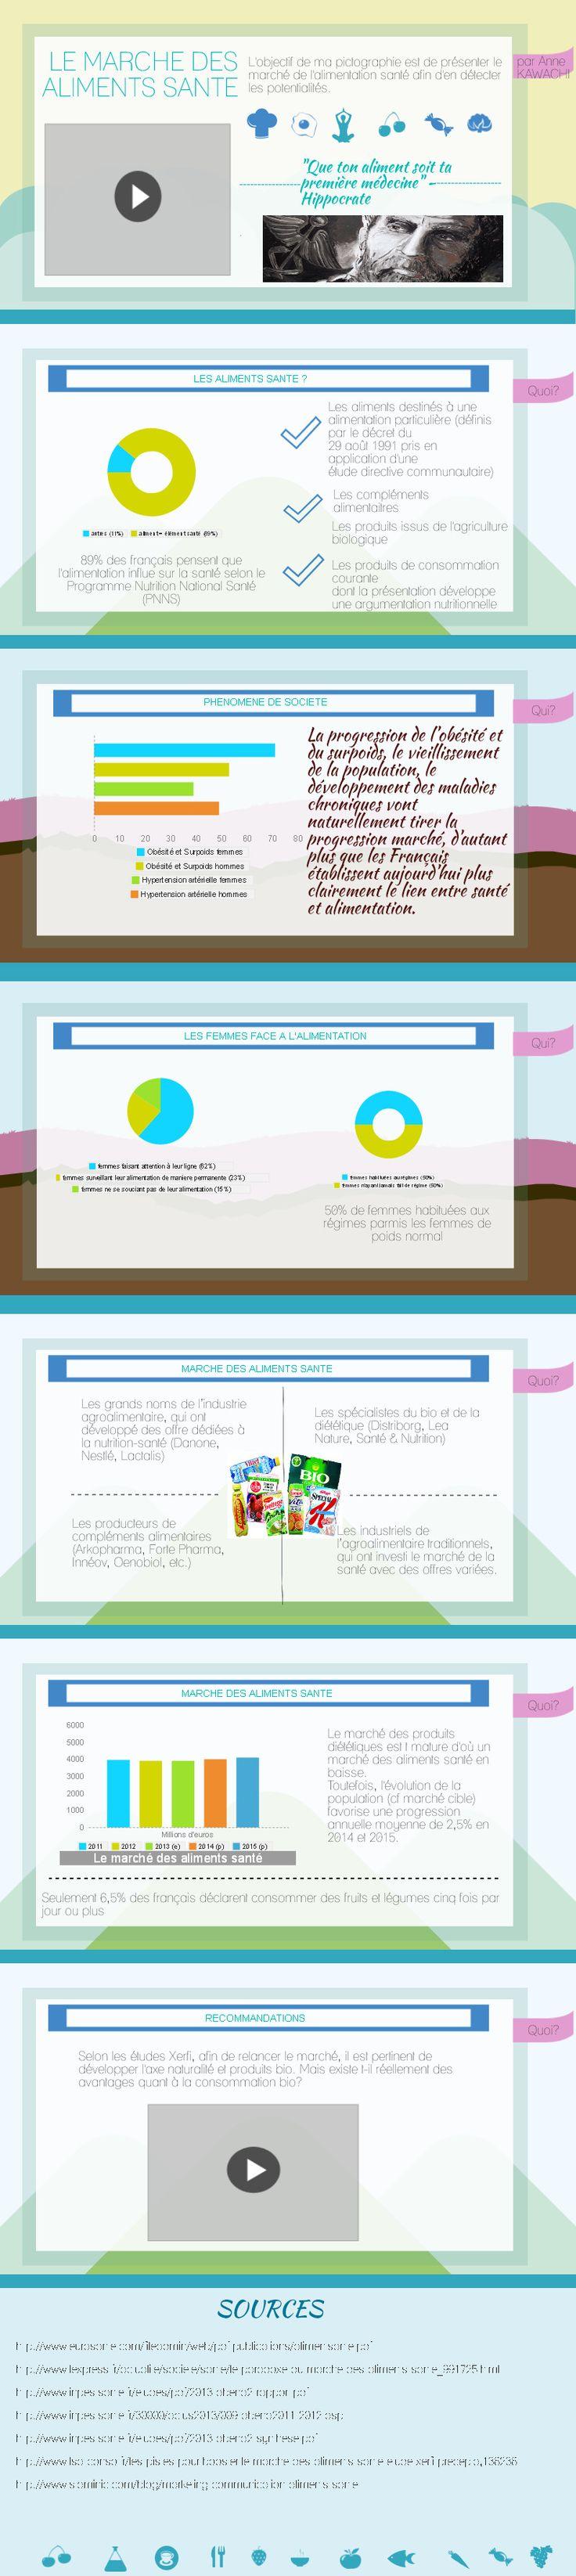 Le marché des aliments santé